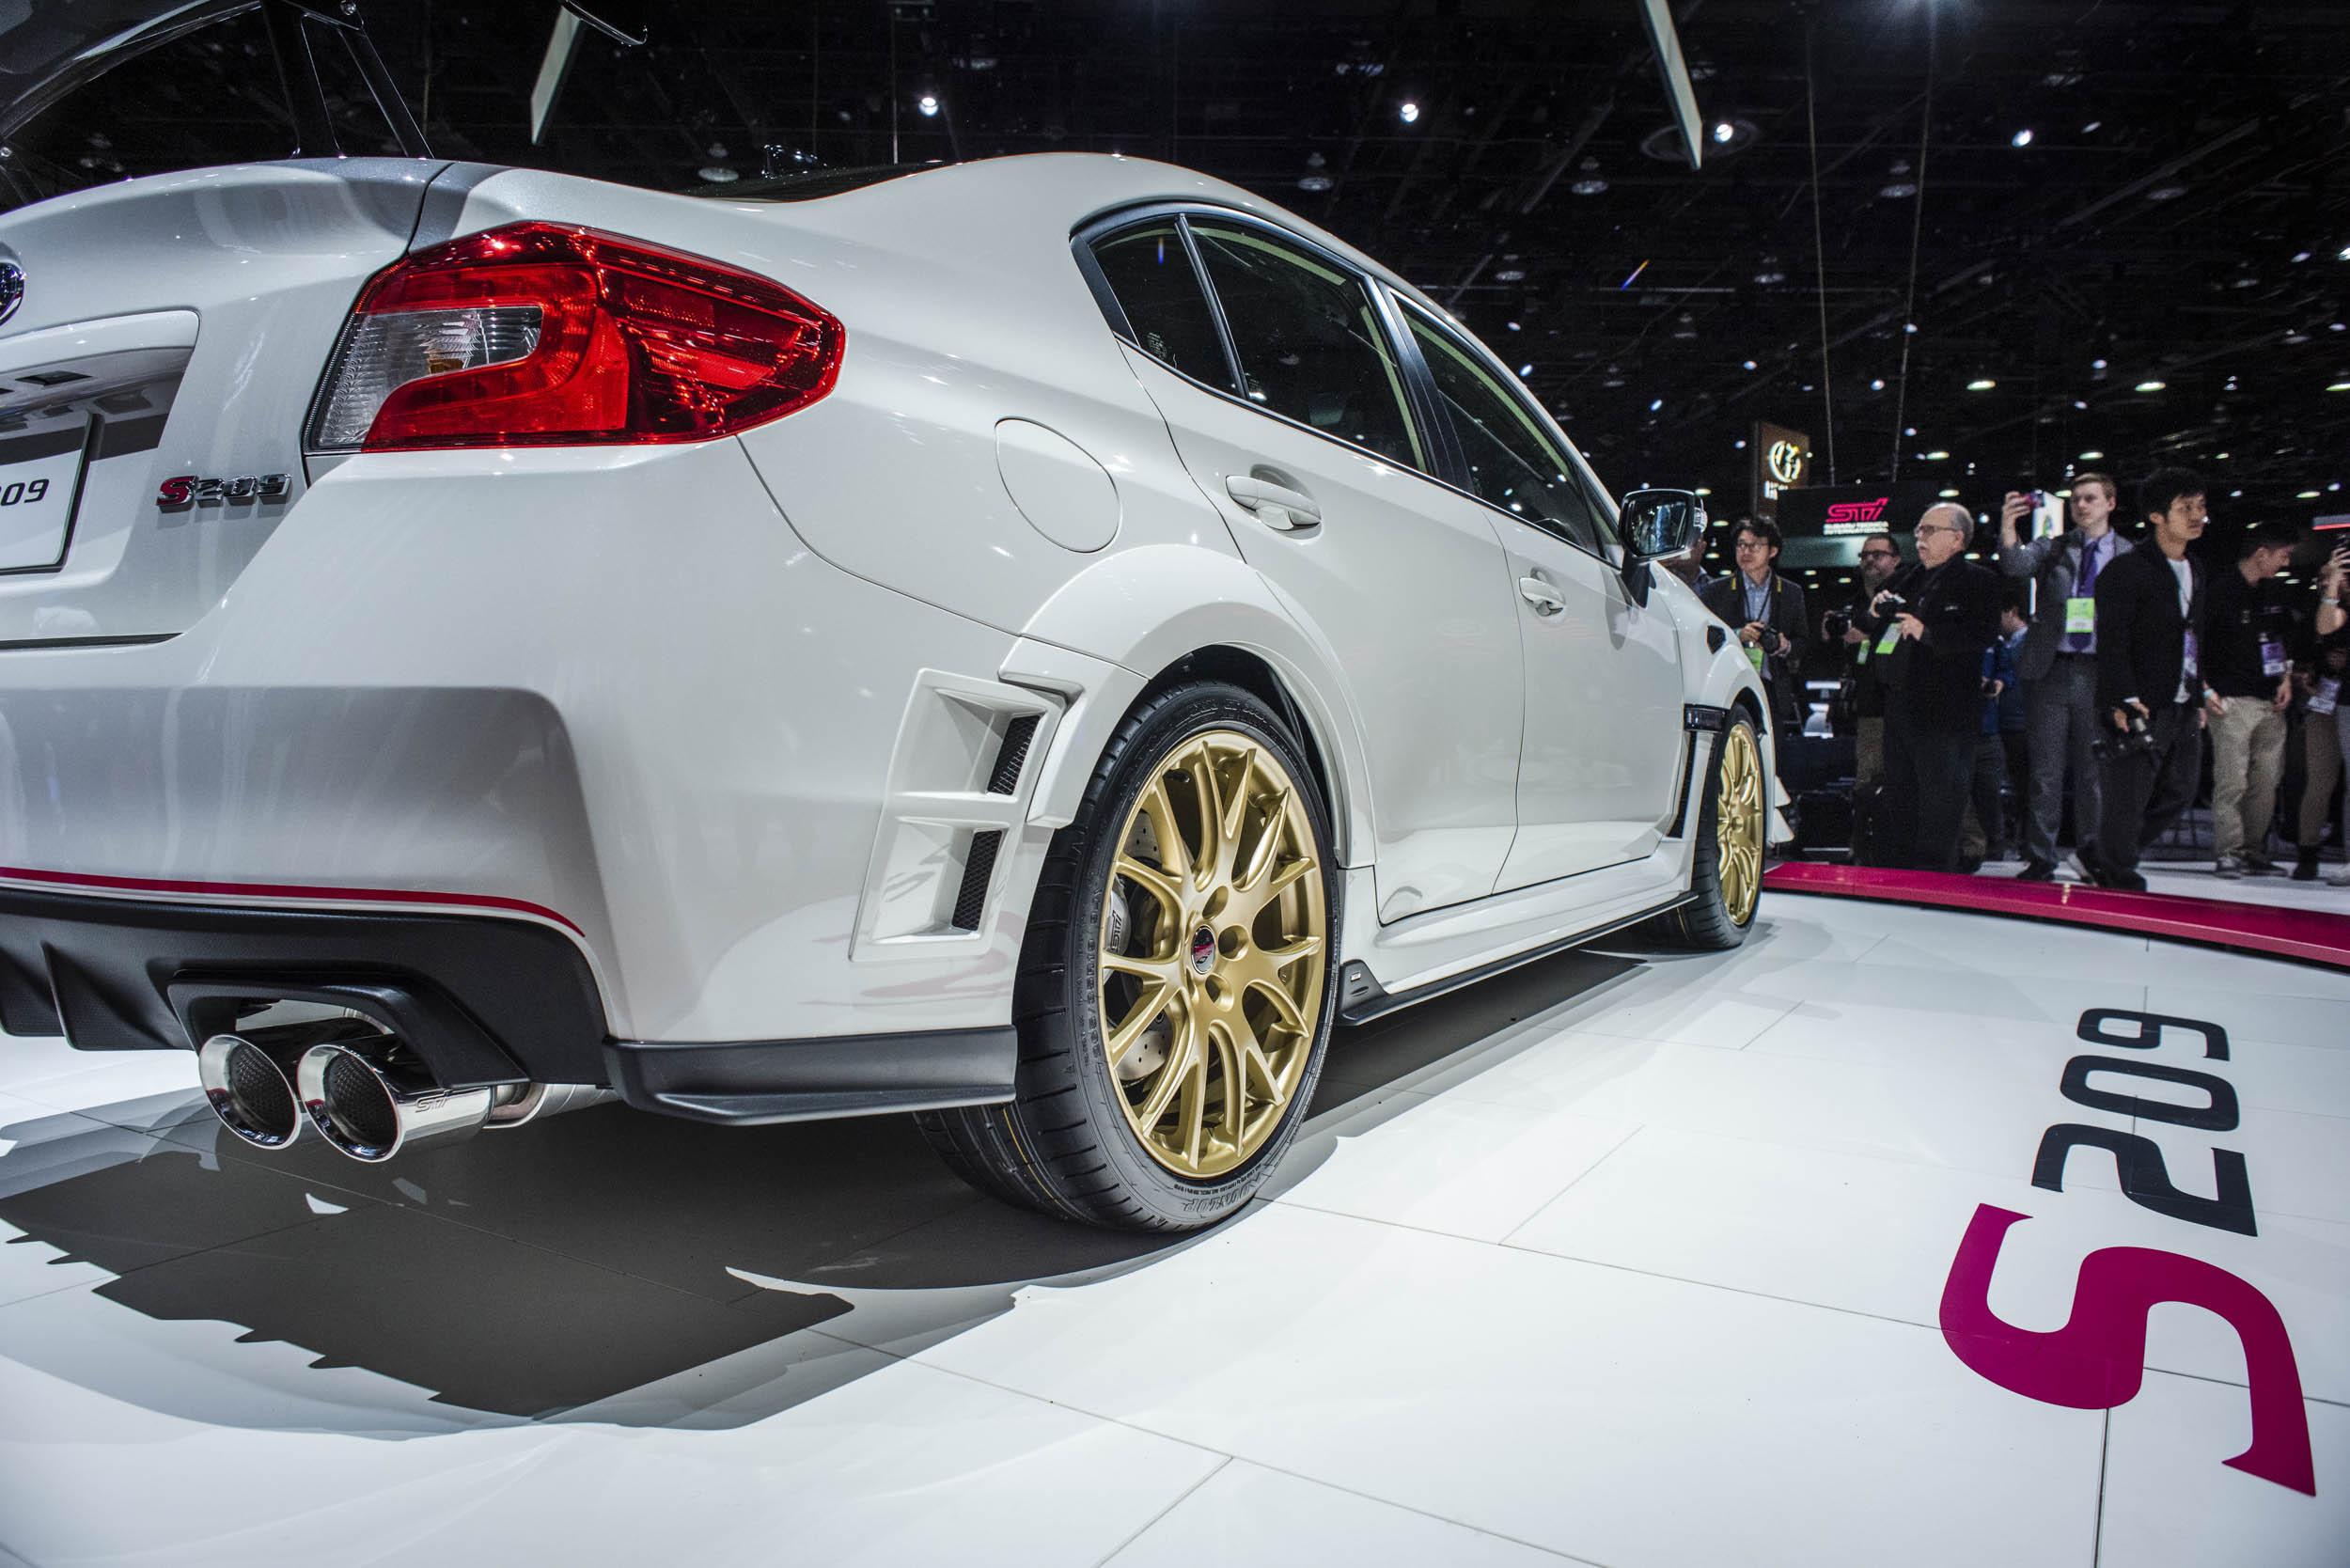 2020 Subaru WRX STI S209 low rear 3/4